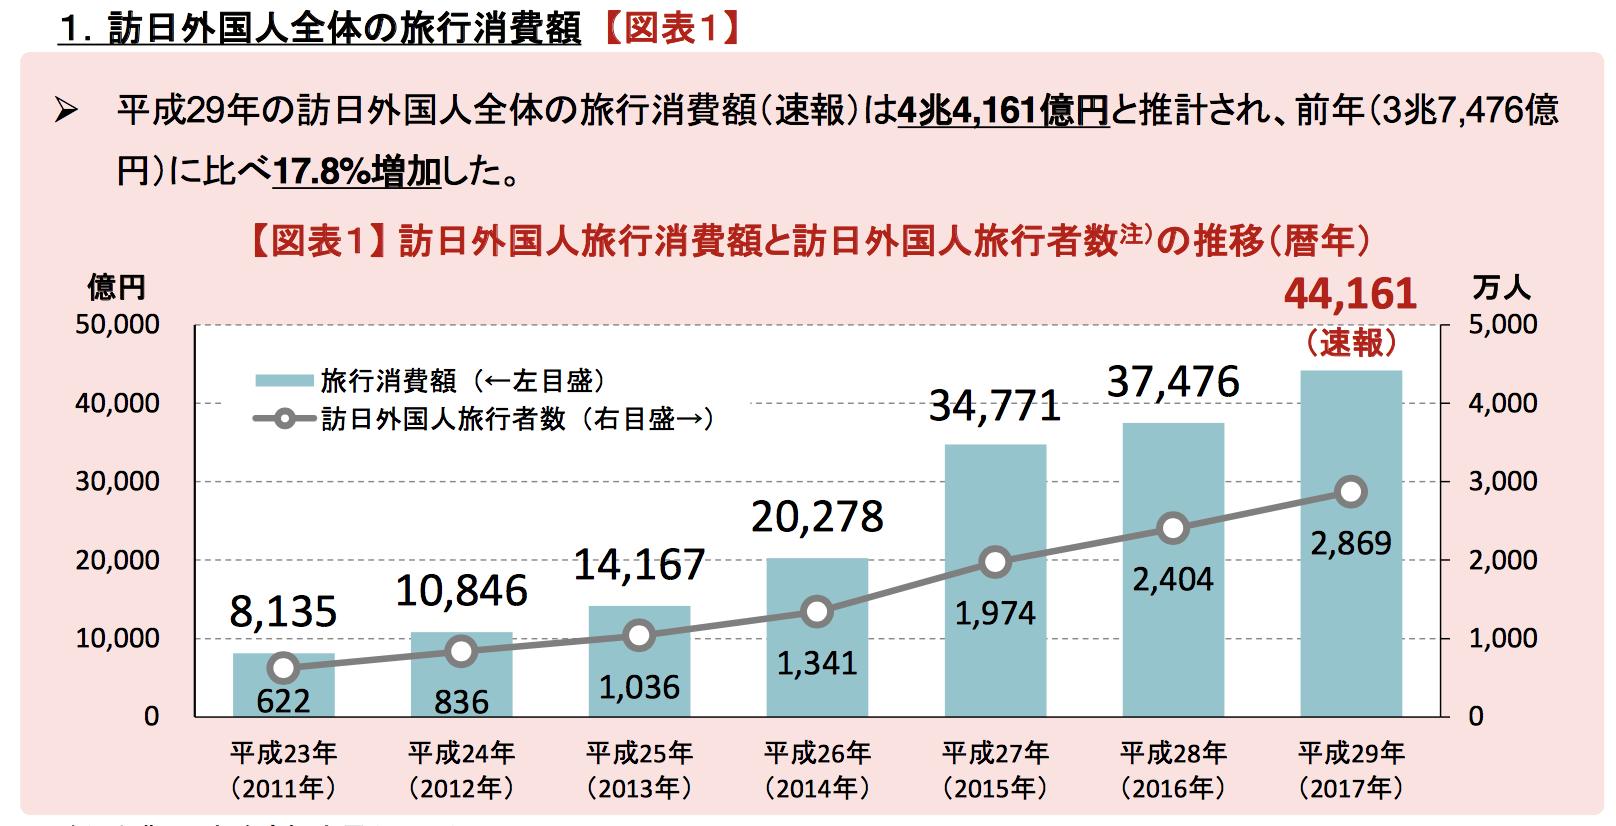 観光庁資料より引用:平成29年(2017年)訪日外国人による旅行消費額は4兆4,161億円